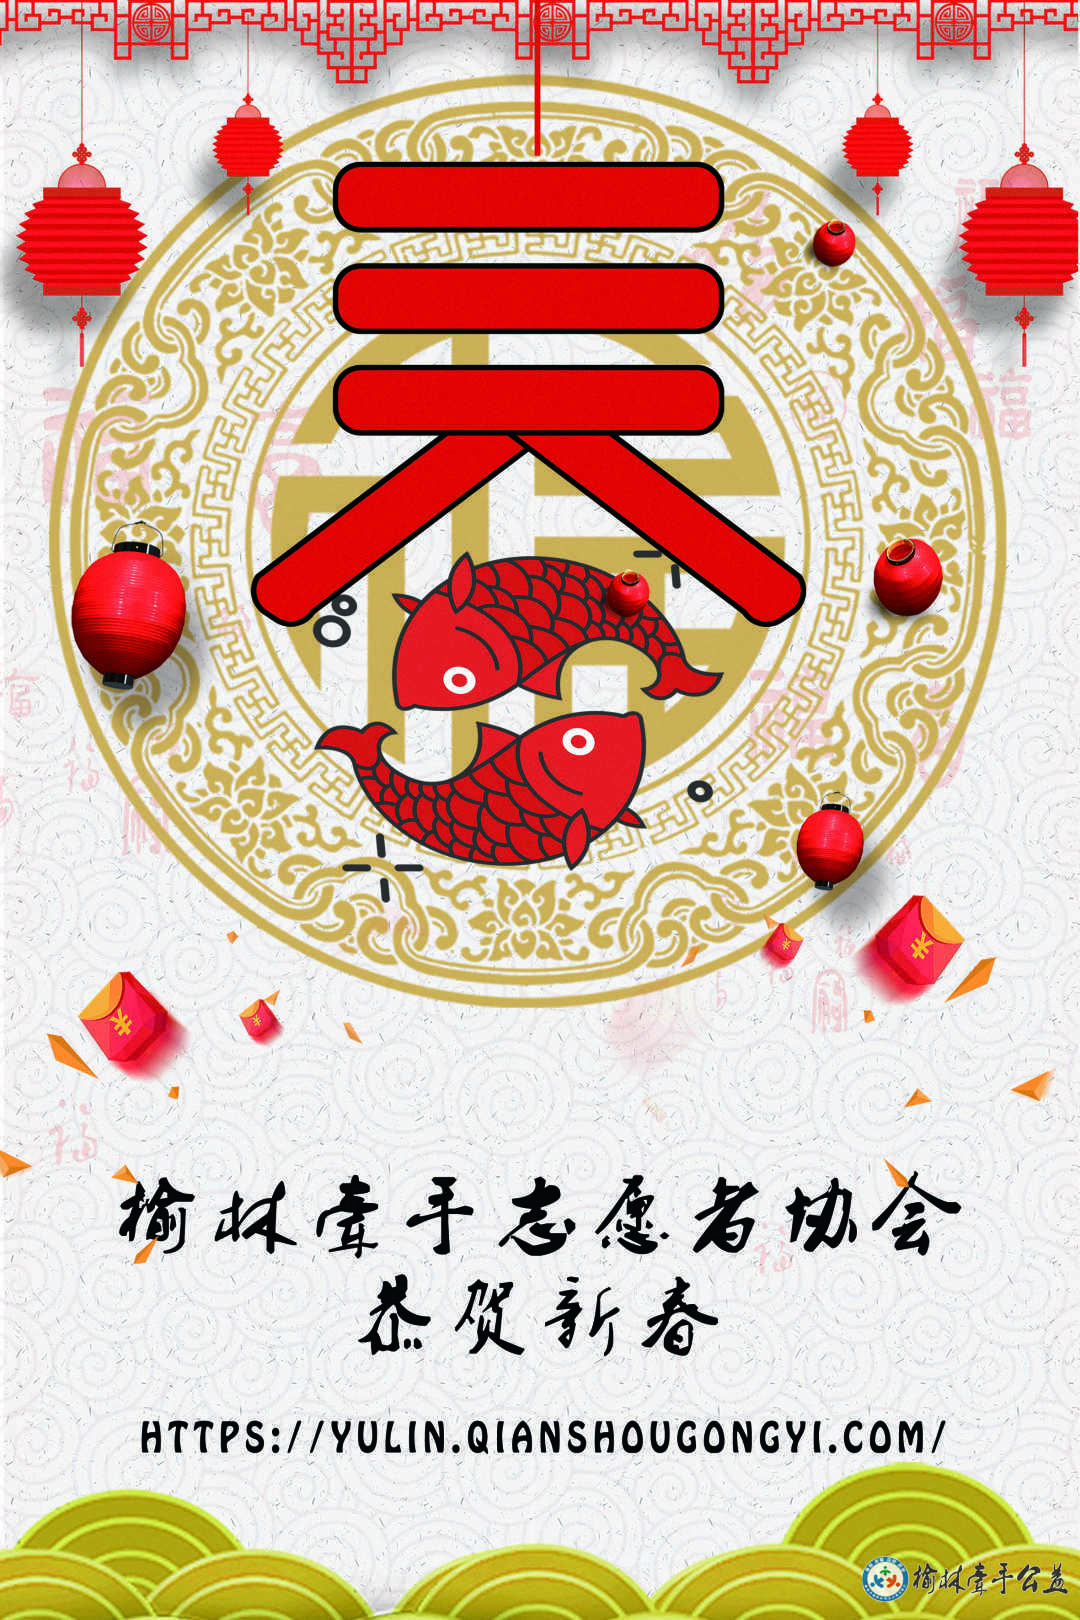 榆林牵手志愿者协会恭贺新春!